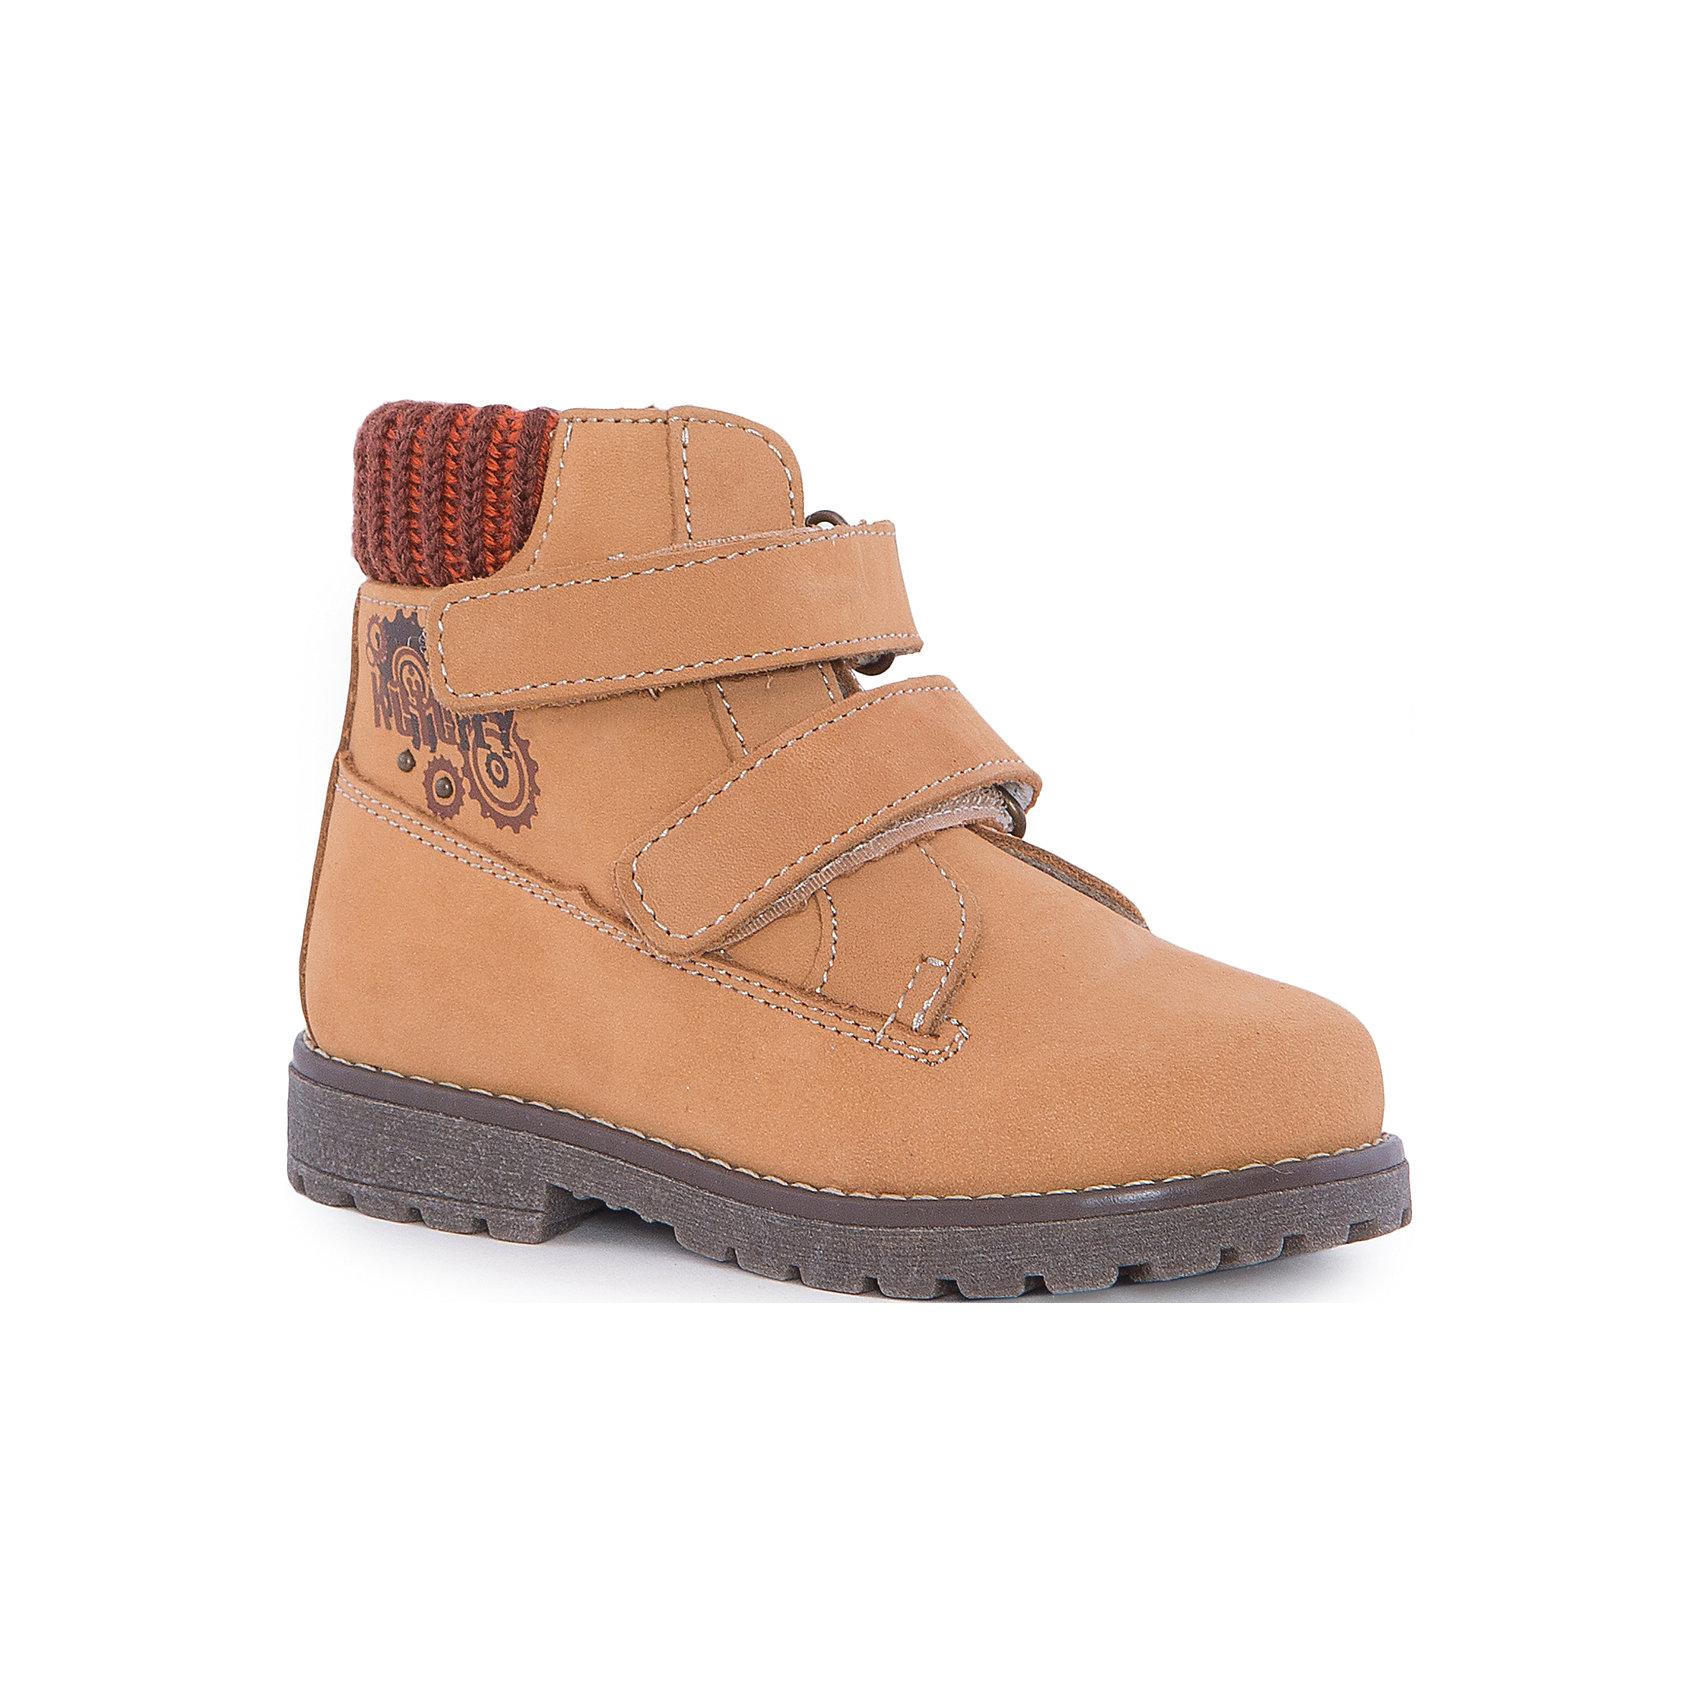 Ботинки для мальчика КотофейБотинки для мальчика Котофей.<br><br>Характеристики:<br><br>- Внешний материал: натуральная кожа<br>- Внутренний материал: байка<br>- Стелька: войлок<br>- Подошва: ТЭП<br>- Тип застежки: липучки<br>- Вид крепления обуви: клеевой<br>- Температурный режим до -10С<br>- Цвет: желтый<br>- Сезон: весна, осень<br>- Пол: для мальчиков<br><br>Стильные ботинки для мальчика торговой марки Котофей - отличный выбор для межсезонья. Верх модели выполнен полностью из дышащей натуральной кожи (нубук) с гидрофобными свойствами. Подкладка – утеплённая, из полушерстяной байки. Дополнительную защиту от прохлады даёт войлочная стелька, которую можно вытащить для просушки, воспользовавшись специальной петлёй. Сверху модели имеется мягкий трикотажный манжет, обеспечивающий удобство при ходьбе и предотвращающий натирание ноги. Гибкая, широкая, клеевая подошва с рельефным протектором обеспечит превосходное сцепление с поверхностью. Она выполнена из термоэластопласта (ТЭП) – пластичного материала, отлично амортизирующего при шаге и не теряющего своих свойств при понижении температур. Два ремня с липучкой позволяют не только быстро обувать и снимать обувь, но и обеспечивают плотное прилегание обуви к стопе. Дизайн соответствует и европейским, и отечественным тенденциям моды. Детская обувь «Котофей» качественна, красива, добротна, комфортна и долговечна. Она производится на Егорьевской обувной фабрике. Жесткий контроль производства и постоянное совершенствование технологий при многолетнем опыте позволяют считать компанию одним из лидеров среди отечественных производителей детской обуви.<br><br>Ботинки для мальчика Котофей можно купить в нашем интернет-магазине.<br><br>Ширина мм: 262<br>Глубина мм: 176<br>Высота мм: 97<br>Вес г: 427<br>Цвет: желтый<br>Возраст от месяцев: 9<br>Возраст до месяцев: 12<br>Пол: Мужской<br>Возраст: Детский<br>Размер: 20,24,23,22,21<br>SKU: 5023942